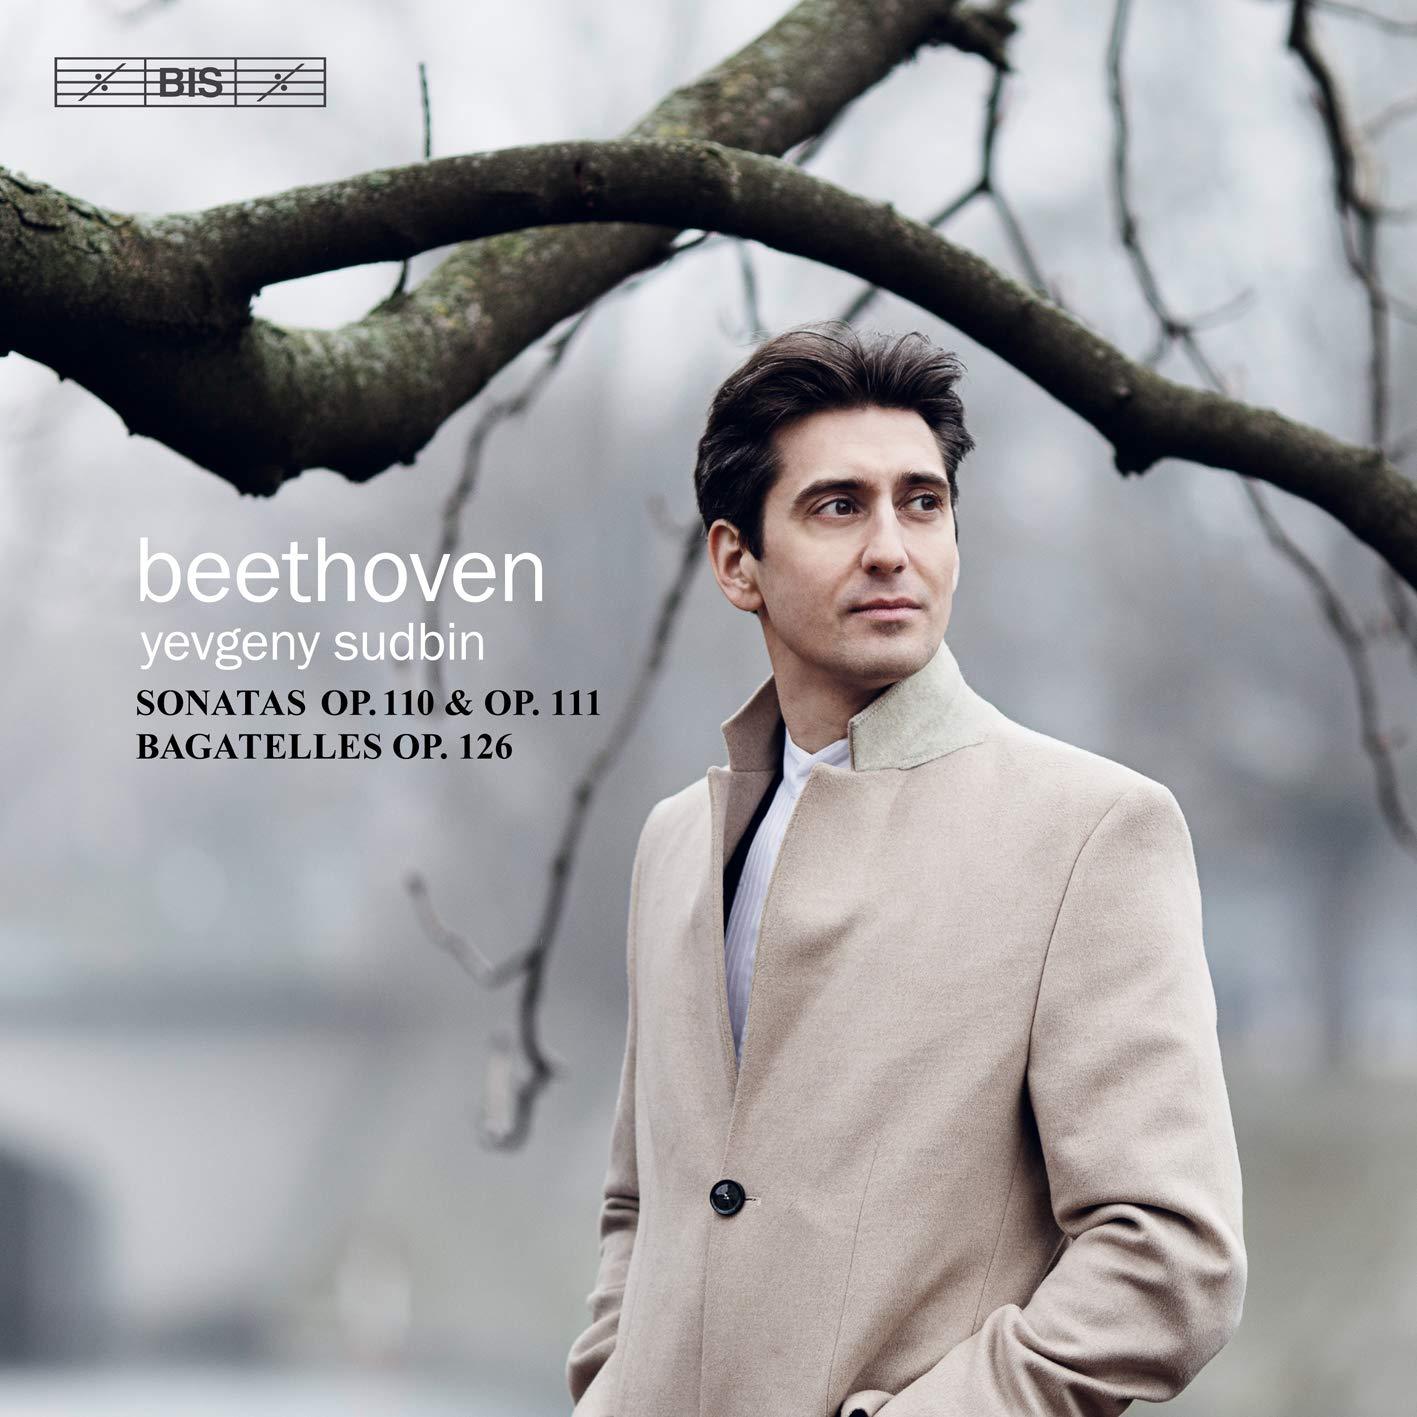 SACD : YEVGENY SUDBIN - Piano Sonatas 110 & 111 (Hybrid SACD)